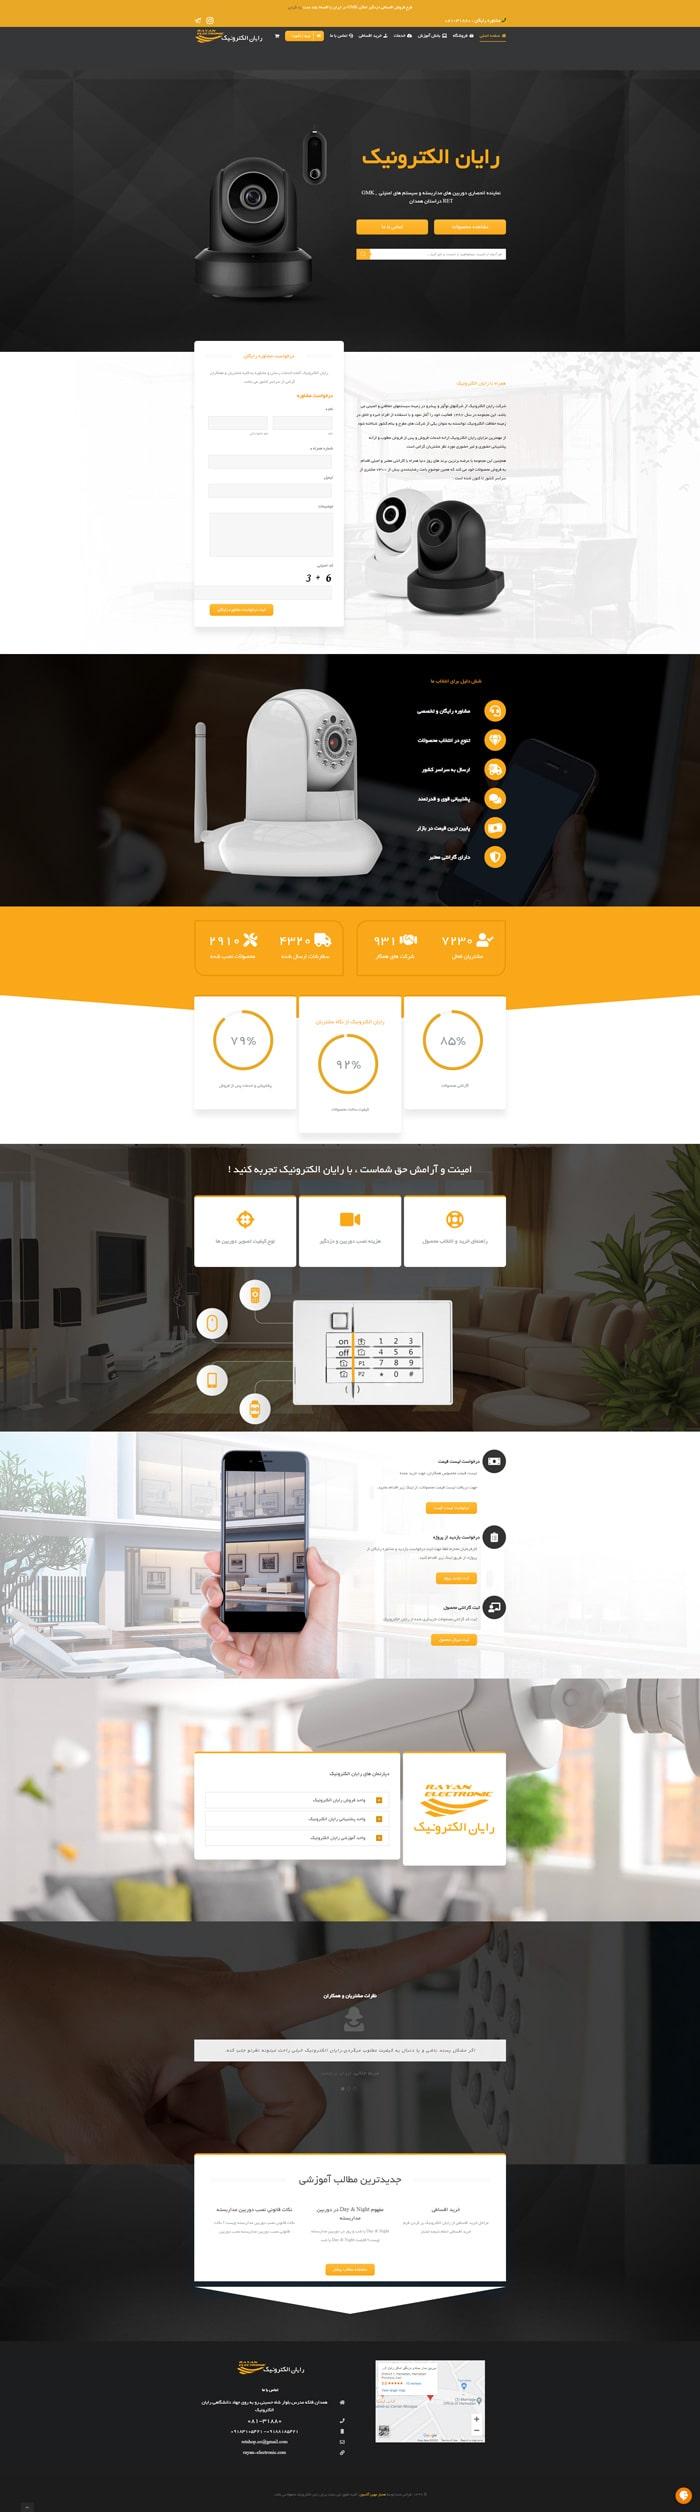 طراحی سایت فروشگاهی رایان الکترونیک